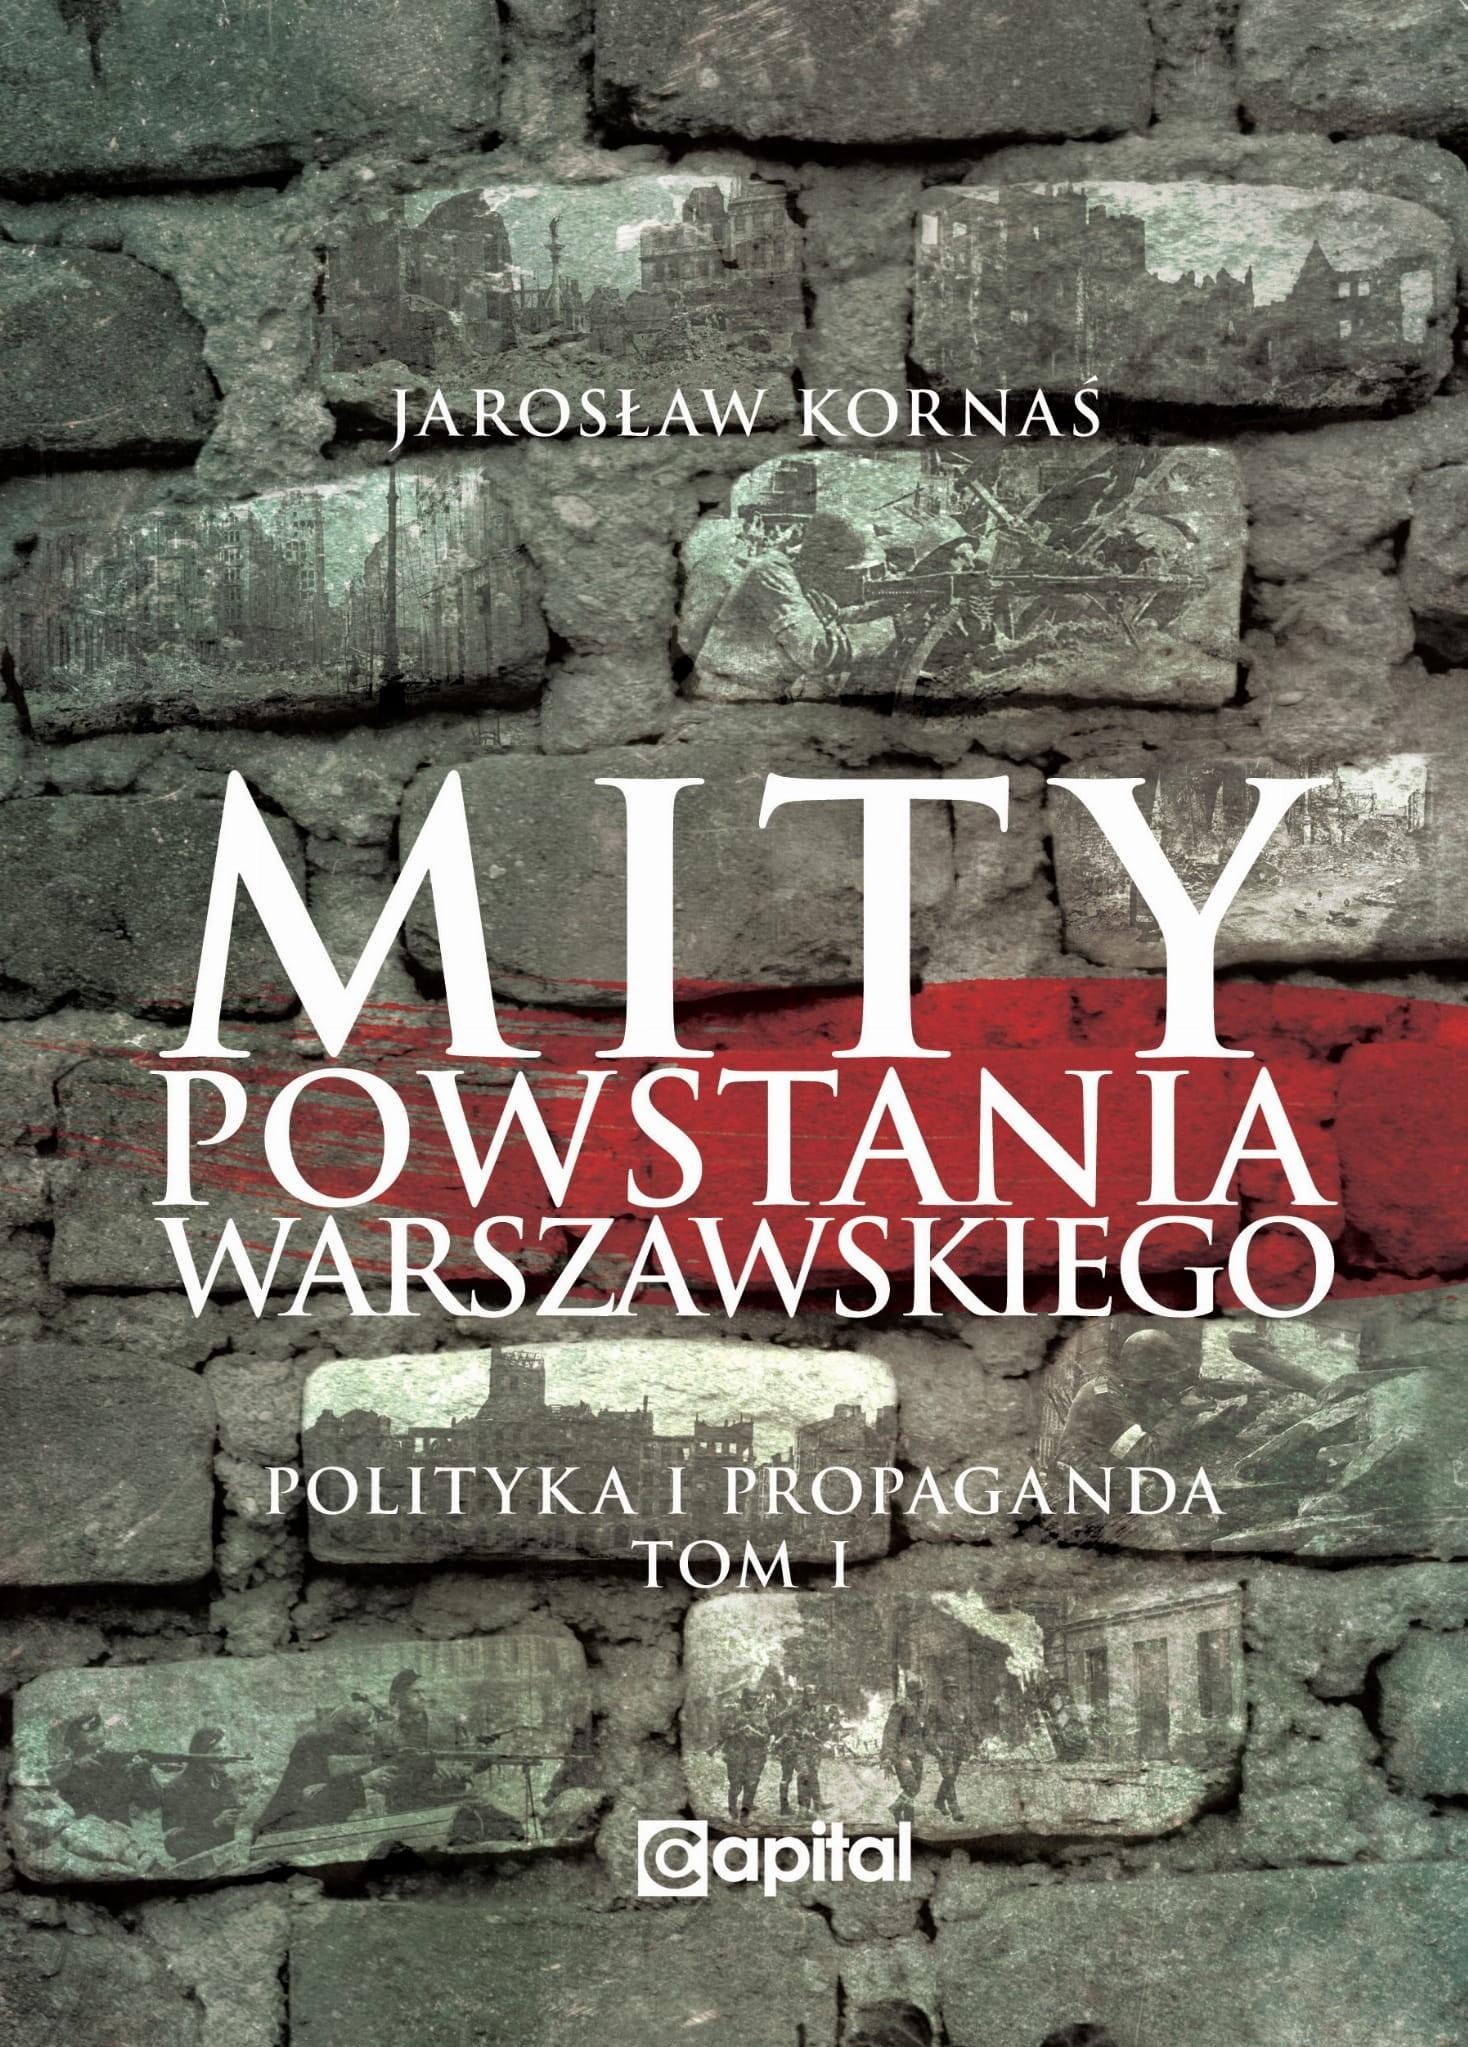 """Przykładem, że z mitami przeszłości cały czas nie udało się wygrać jest sprawa Narodowych Sił Zbrojnych, gdzie sprawa jej udziału w Powstaniu jest zamilczana. Niestety instytucję państwowe czy samorządowe nie pomagają albo jest to pomoc zbyt mała. Po 30 latach """"wolnej"""" Polski dzięki garstce zapaleńców udaje się w miarę możliwości odkłamywać jej mit, gdzie komuniści przedstawiali ją jako organizację bandycką, antysemicką i zbrodniczą. Niestety miejsce dla NSZ w Muzeum Powstania Warszawskiego to jedna czy dwie gablotki za schodami. Jednocześnie jest miejsce na tablicę ku czci Azerów walczących w Powstaniu Warszawskim. Dla przypomnienia, w Powstaniu Warszawskim walczył azerbejdżański 111 pułk… po stronie Niemieckiej. Przykładem powstawania nowych mitów jest sprawa kapitana Hala. Parę lat temu podczas promocji drugiego wydania książki Leszka Żebrowskiego """"Paszkwil Wyborczej"""" poznałem syna kapitana Hala Jacka Stykowskiego. Leszek Zebrowski wykonał tytaniczną pracę historyczną i udowodnił manipulację do jakiej doszło poprzez artykuł w Gazecie Wyborczej w 1993 roku. W nim między innymi manipulowano dokumentami czy nie badano dokumentów wysuwając tezy i oskarżenia na podstawie często czyjejś nie sprawdzonej relacji czy wizji autorów. Później artykuł poszedł w świat i zagraniczni historycy opierali się na nim jak na materiale źródłowym. Dwa lata temu razem z Panem Jackiem byliśmy na promocji wznowienia bardzo ważnej książki Adama Borkiewicza """"Powstanie Warszawskie 1944"""" w Muzeum Powstania Warszawskiego. Na promocji byli między innymi Aleksandra Richie oraz Piotr Gursztyn. Obie te osoby wpisały się w promocję czarnej propagandy kapitana Hala. Jacek Stykowski chciał się od nich dowiedzieć, dlaczego szerzą kłamstwa na temat jego ojca. Oboje, historycy odpowiedzieli wymijająco. Piotr Gursztyn nie miał nic do powiedzenia. Aleksandra Richie, że powołała się na zagraniczne opracowanie a jako historyk nie ma sobie nic do zarzucenia. Można sobie zadać pytanie: I jak ma być dobrze..."""